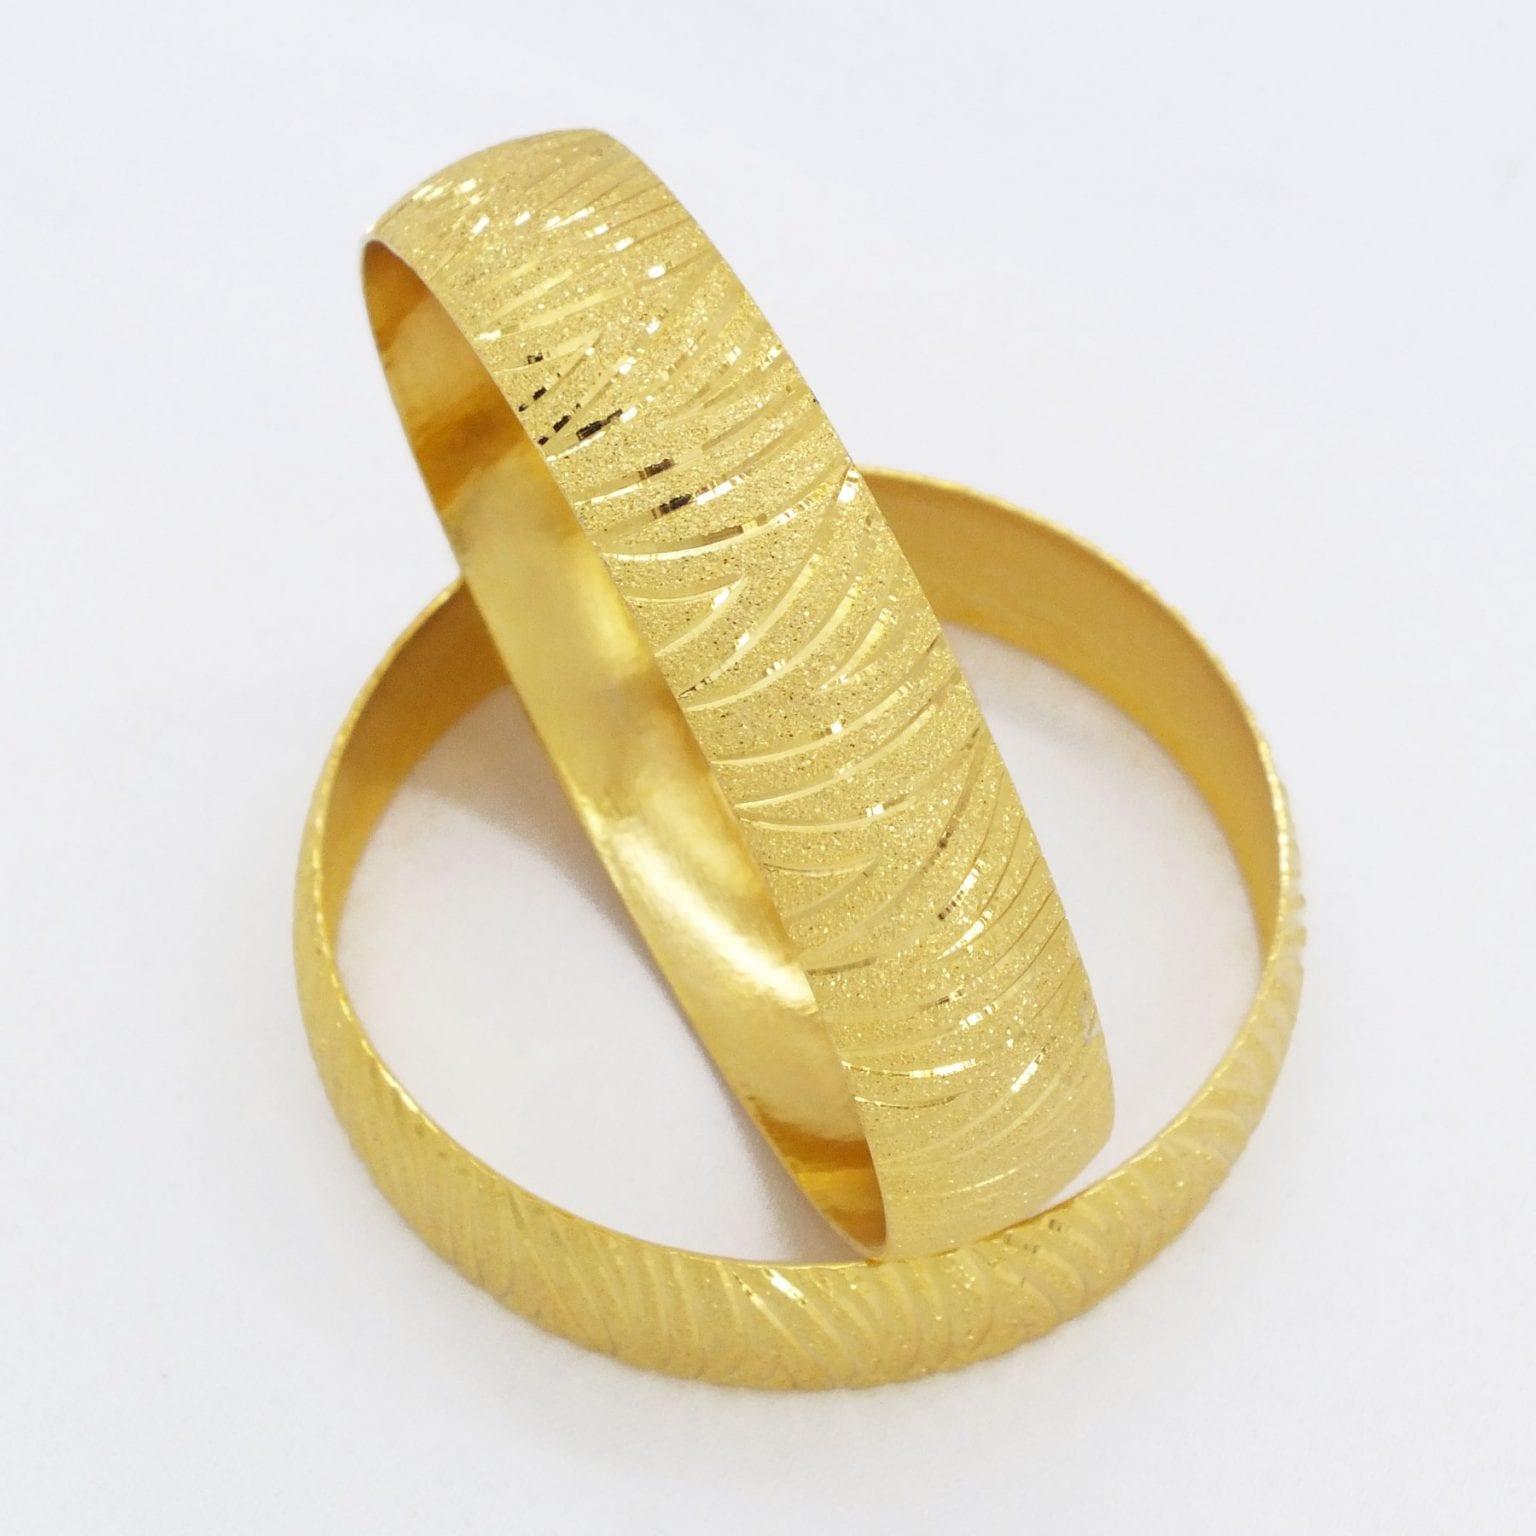 Altın Kaplama Kaz Ayağı Model Bilezik 15 mm Kalınlık